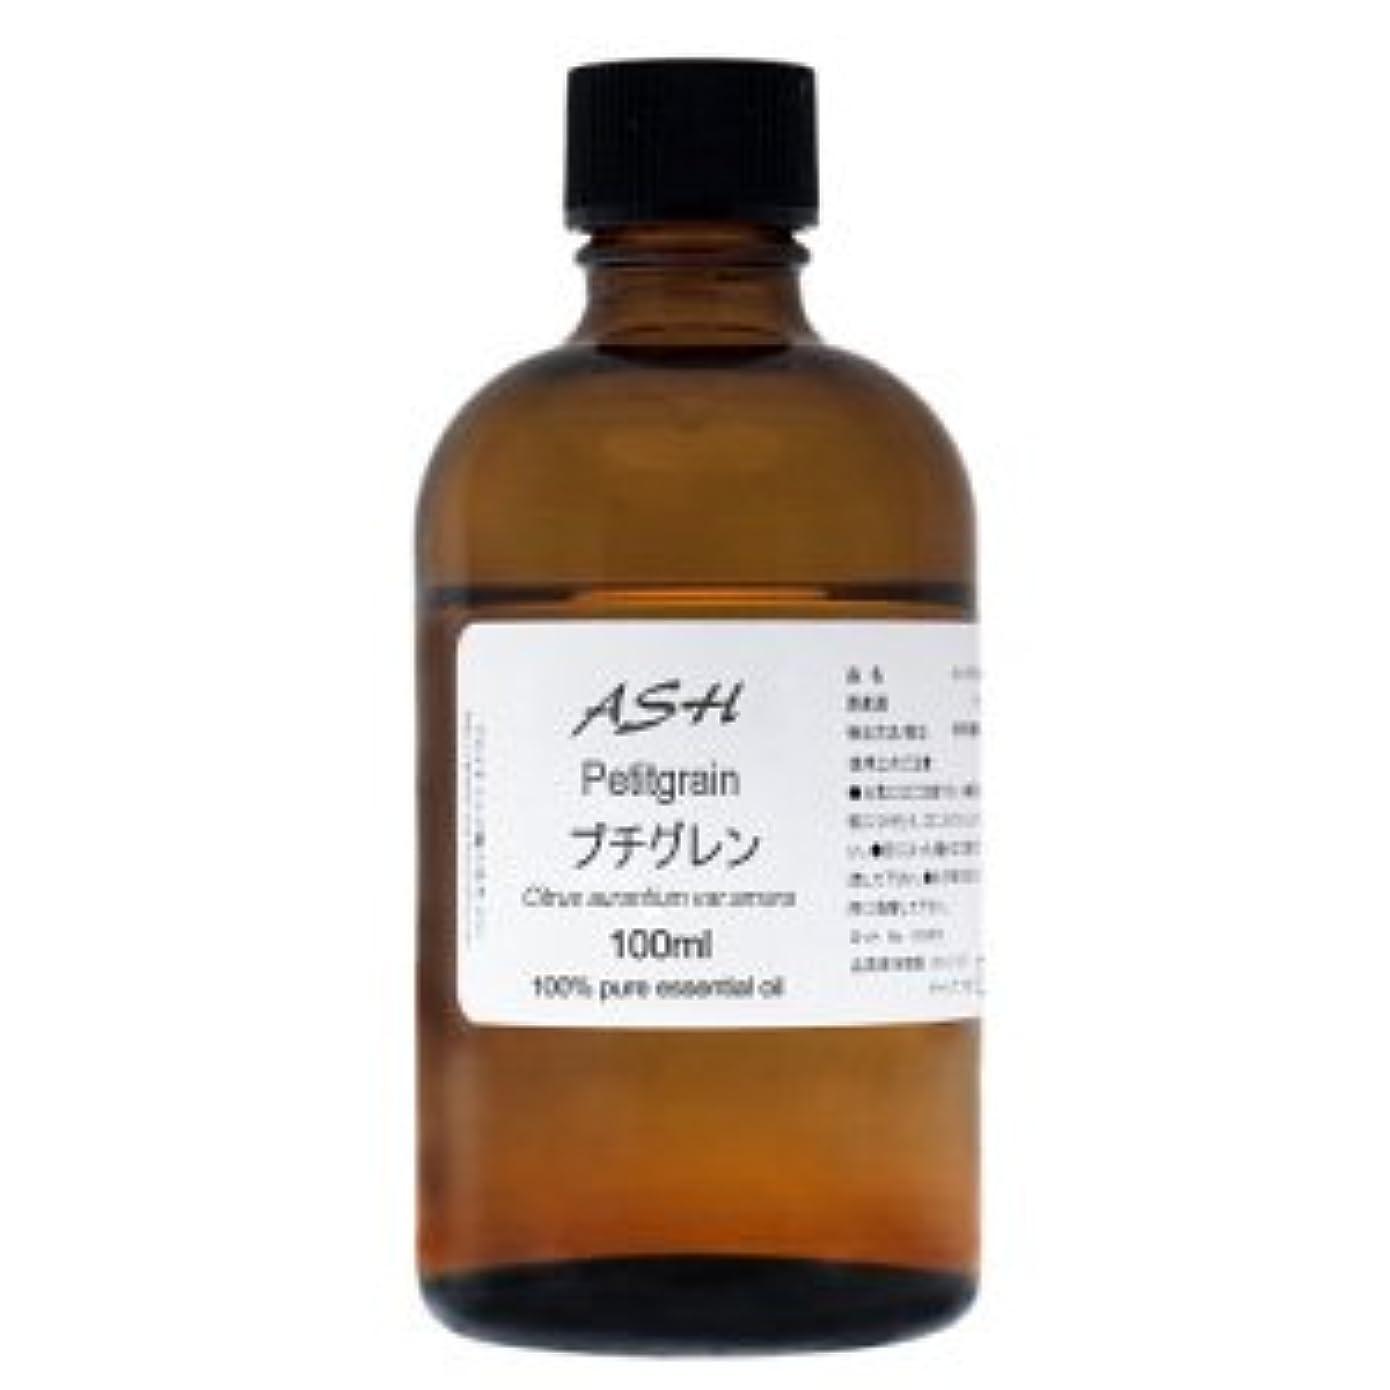 冷蔵するジーンズクリアASH プチグレン エッセンシャルオイル 100ml AEAJ表示基準適合認定精油